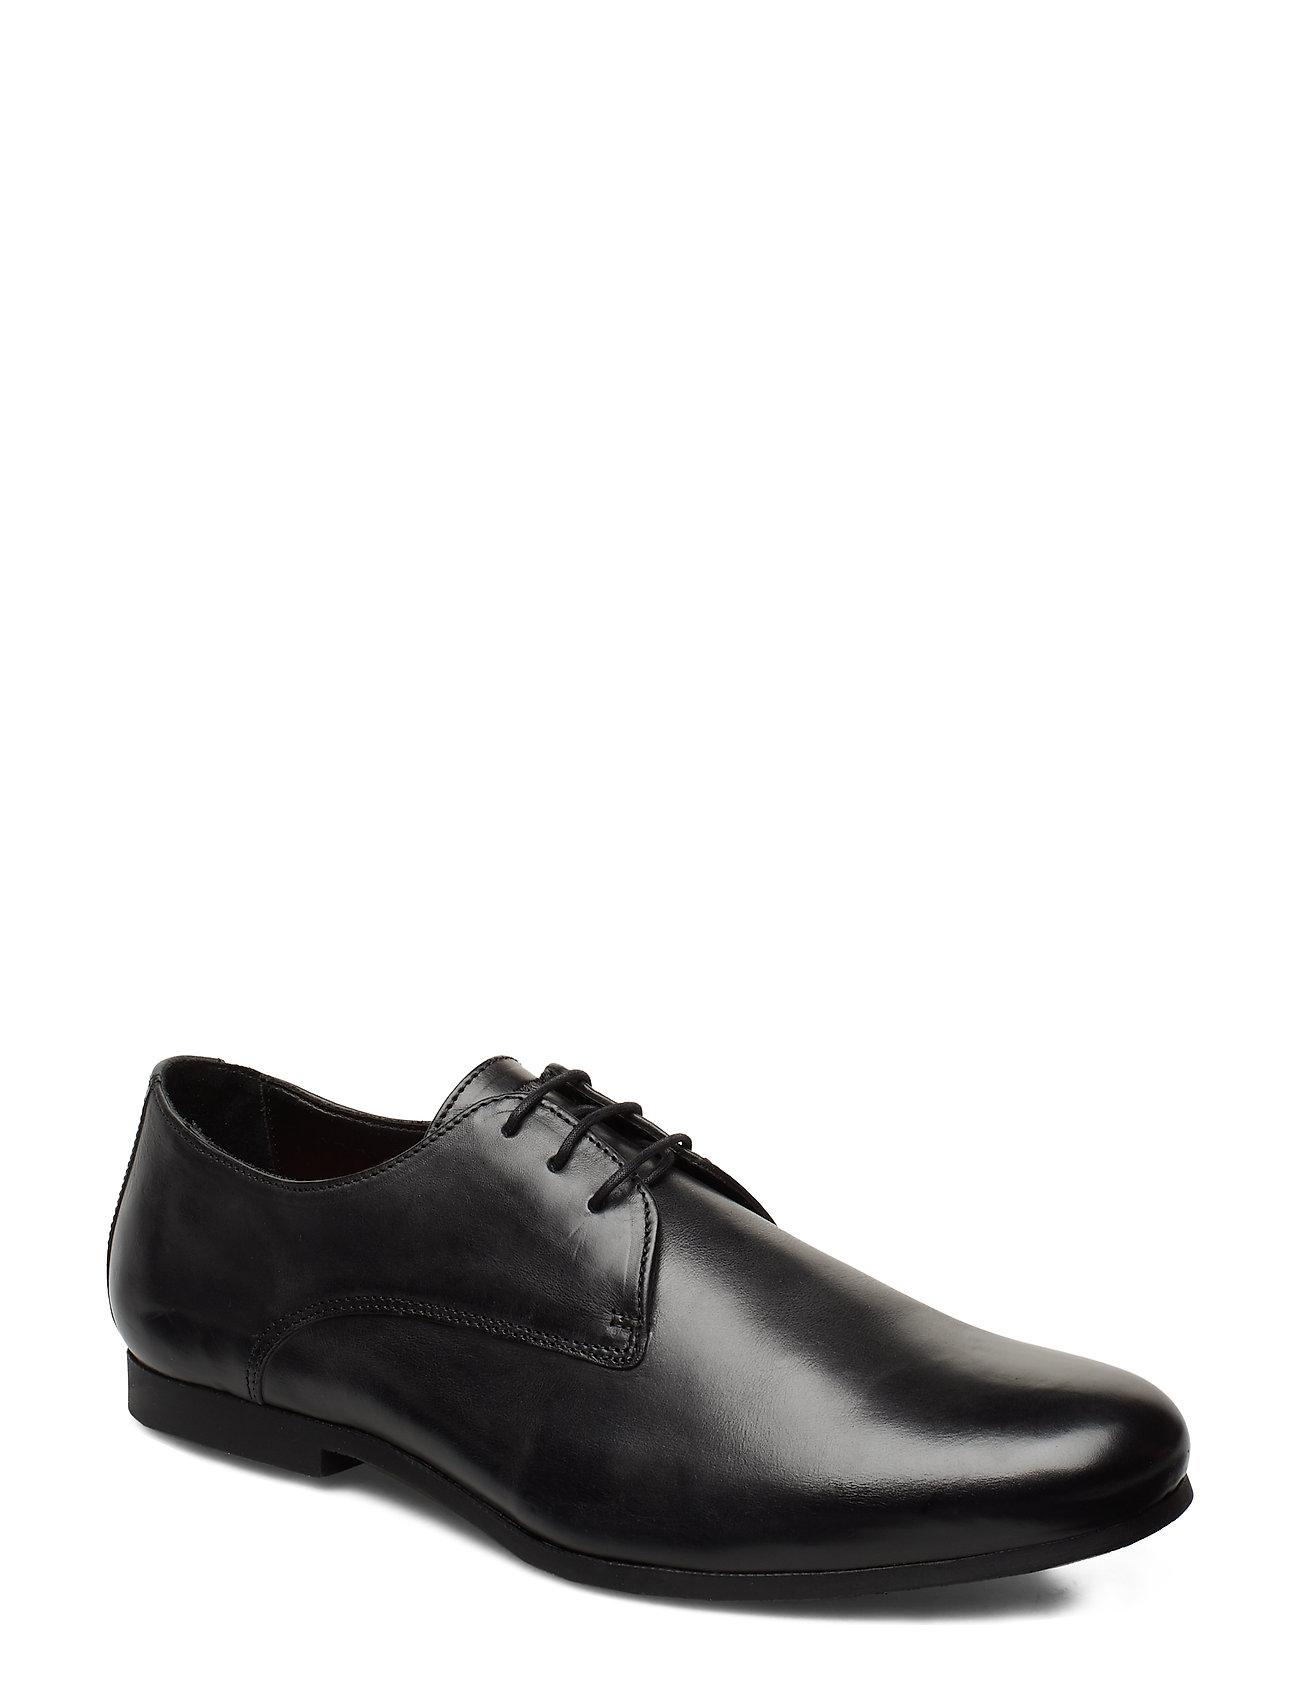 Image of Cast Derby Shoe Shoes Business Laced Shoes Sort Royal RepubliQ (3139425139)